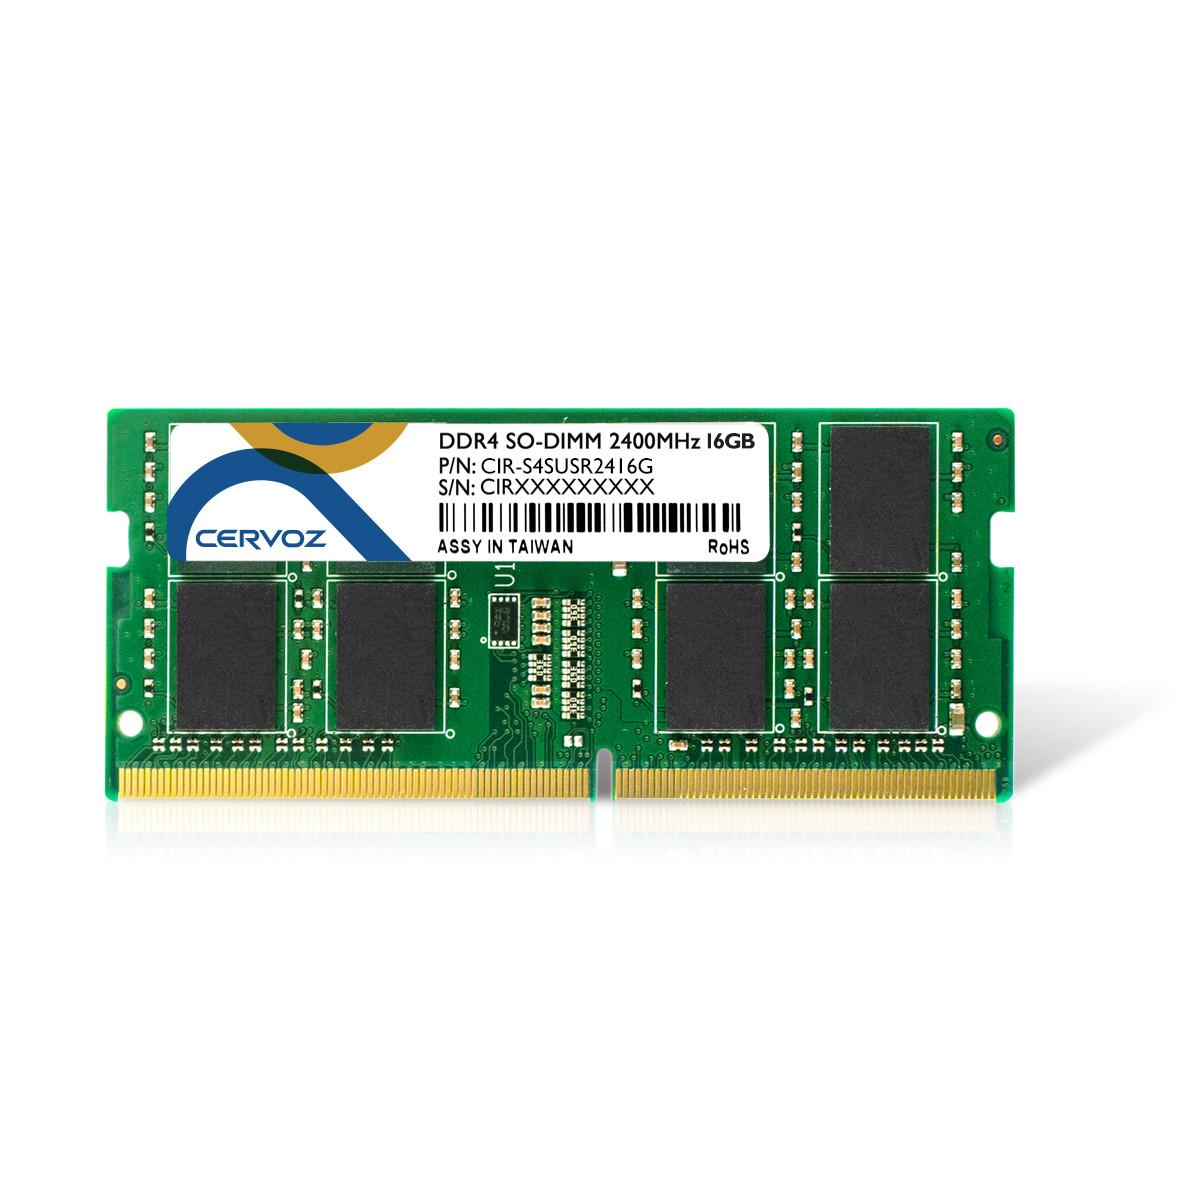 16GB Industrial DDR4 SO-DIMM 2400MHz